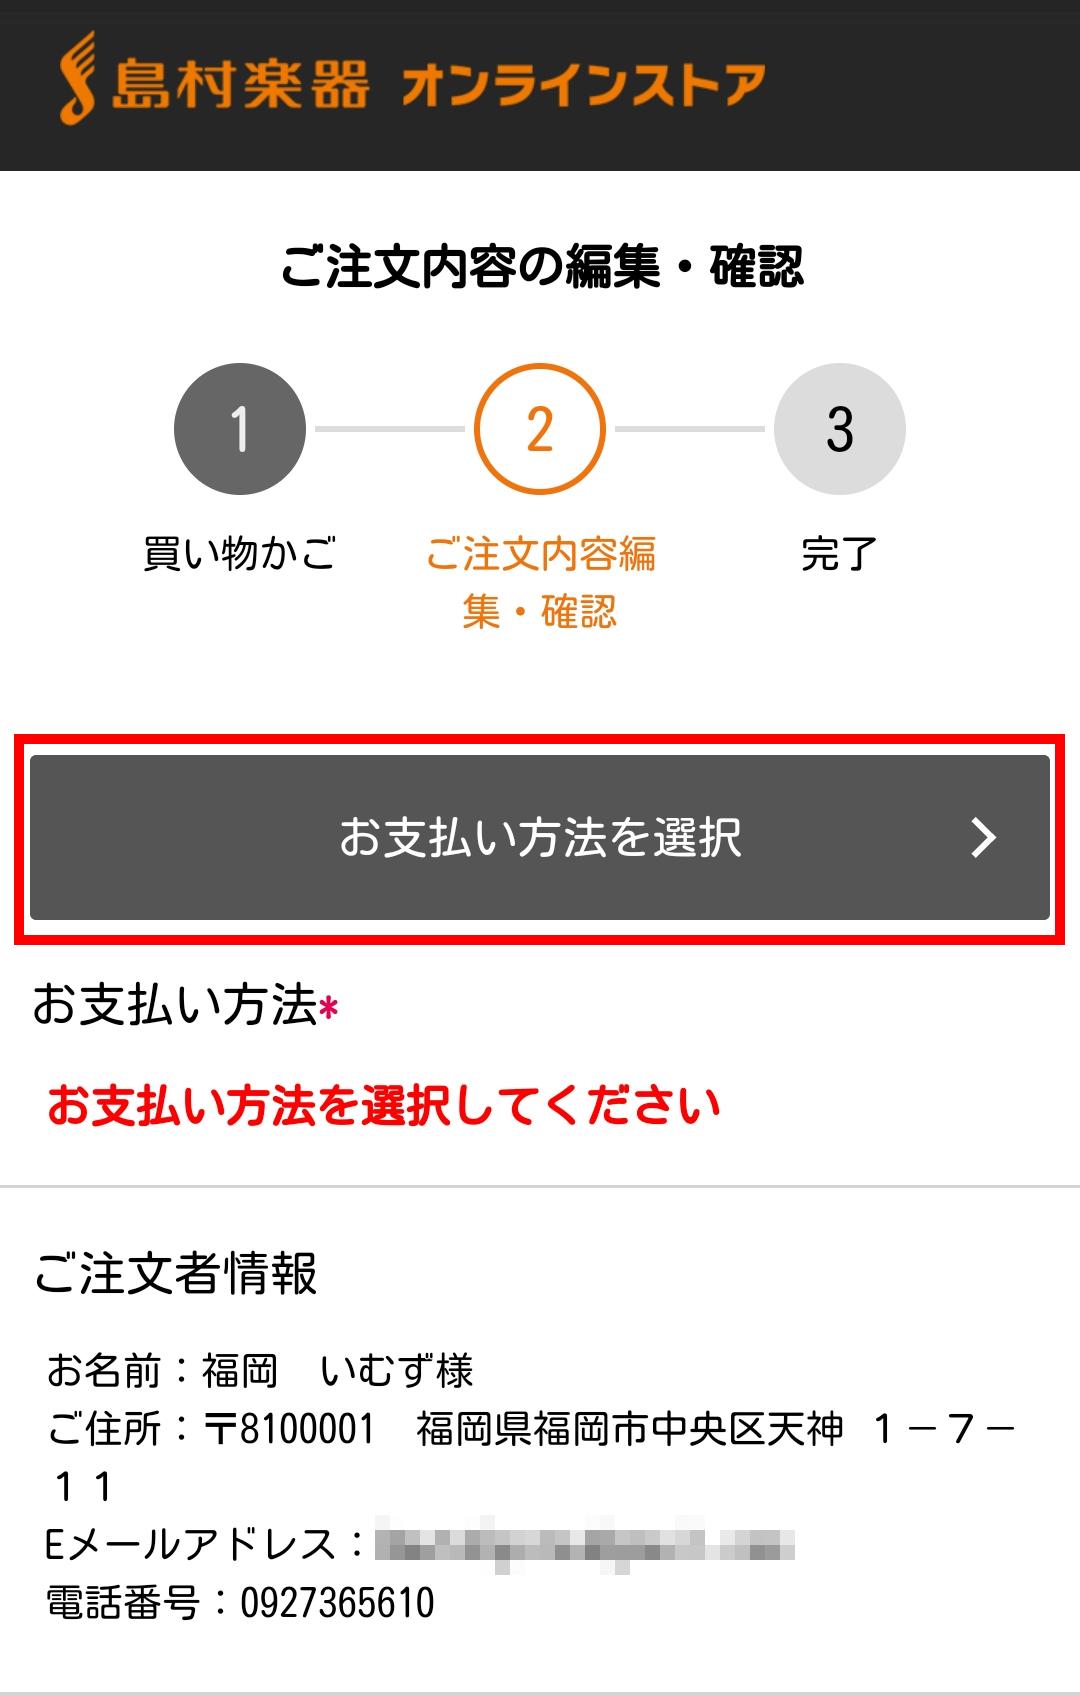 オンラインストア説明_お支払い方法1